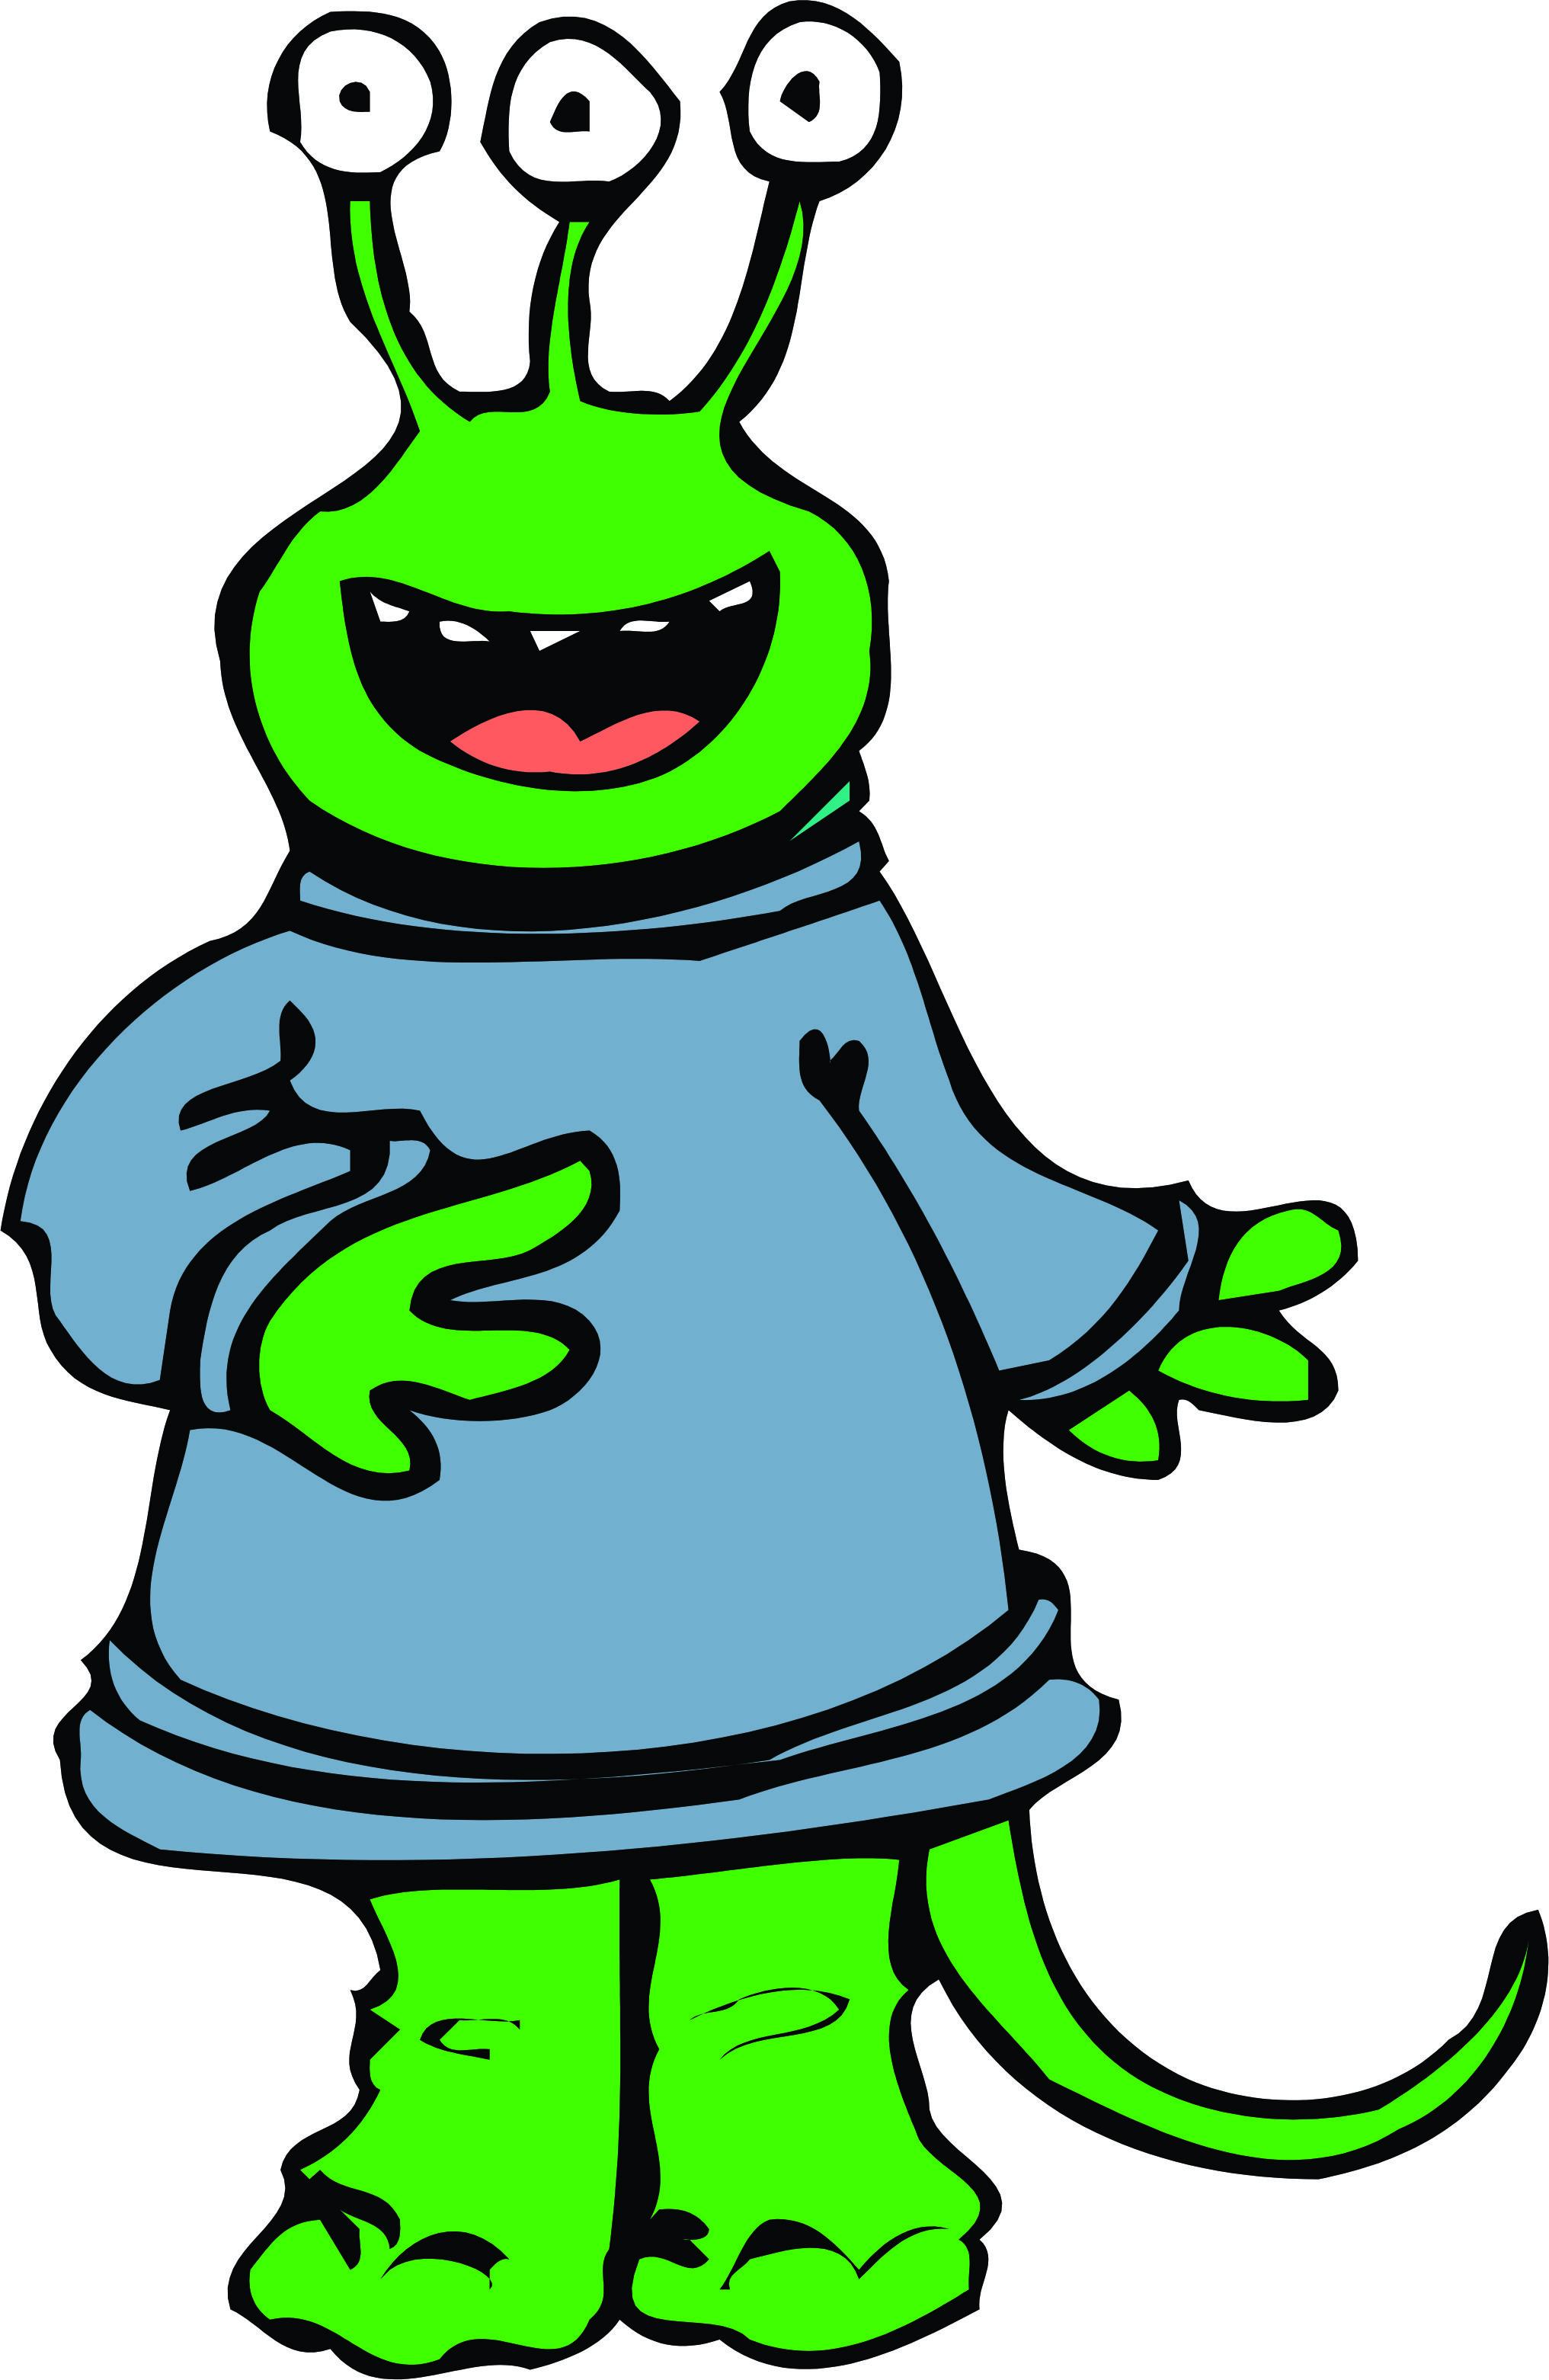 Free Cartoon Alien Pics, Download Free Clip Art, Free Clip.